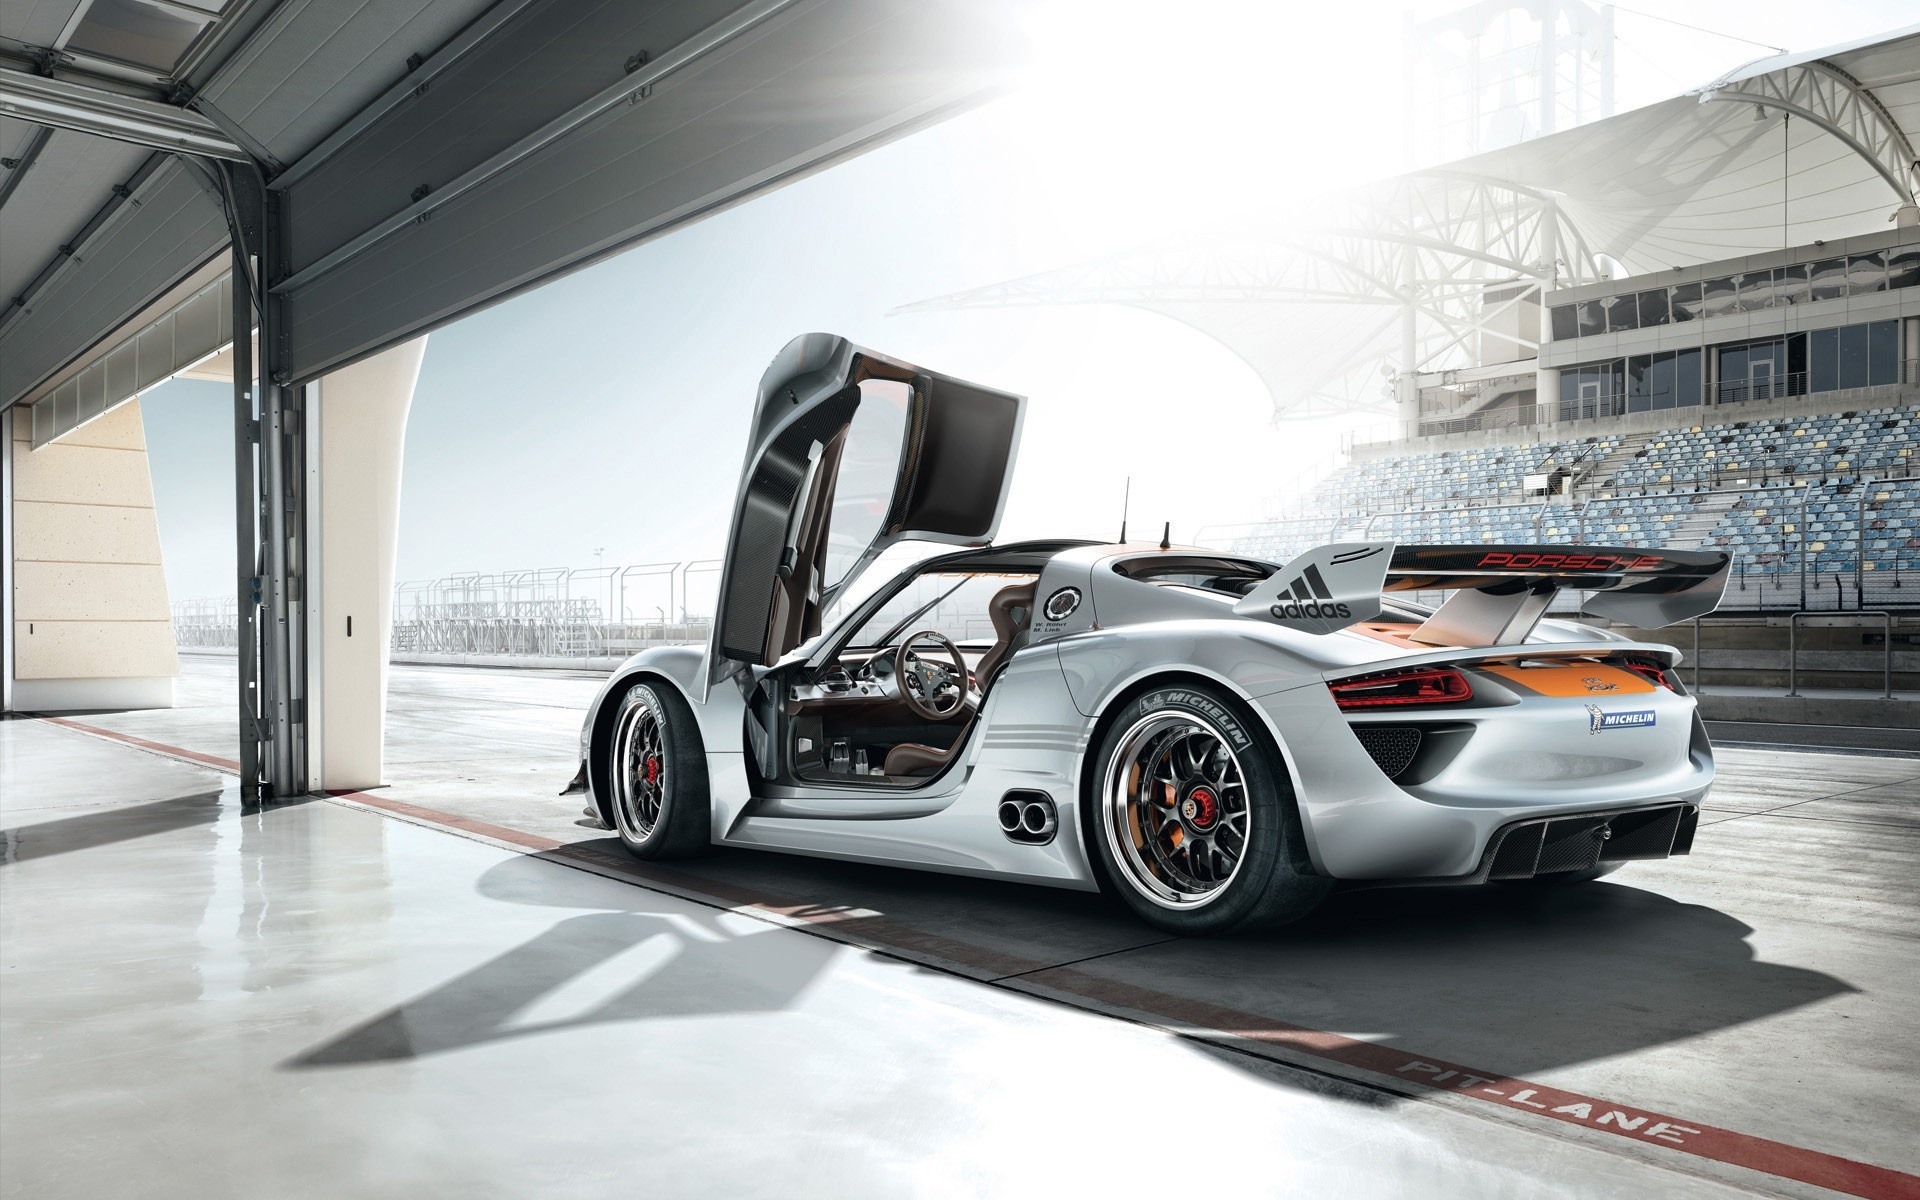 Porsche Super Car Wallpapers